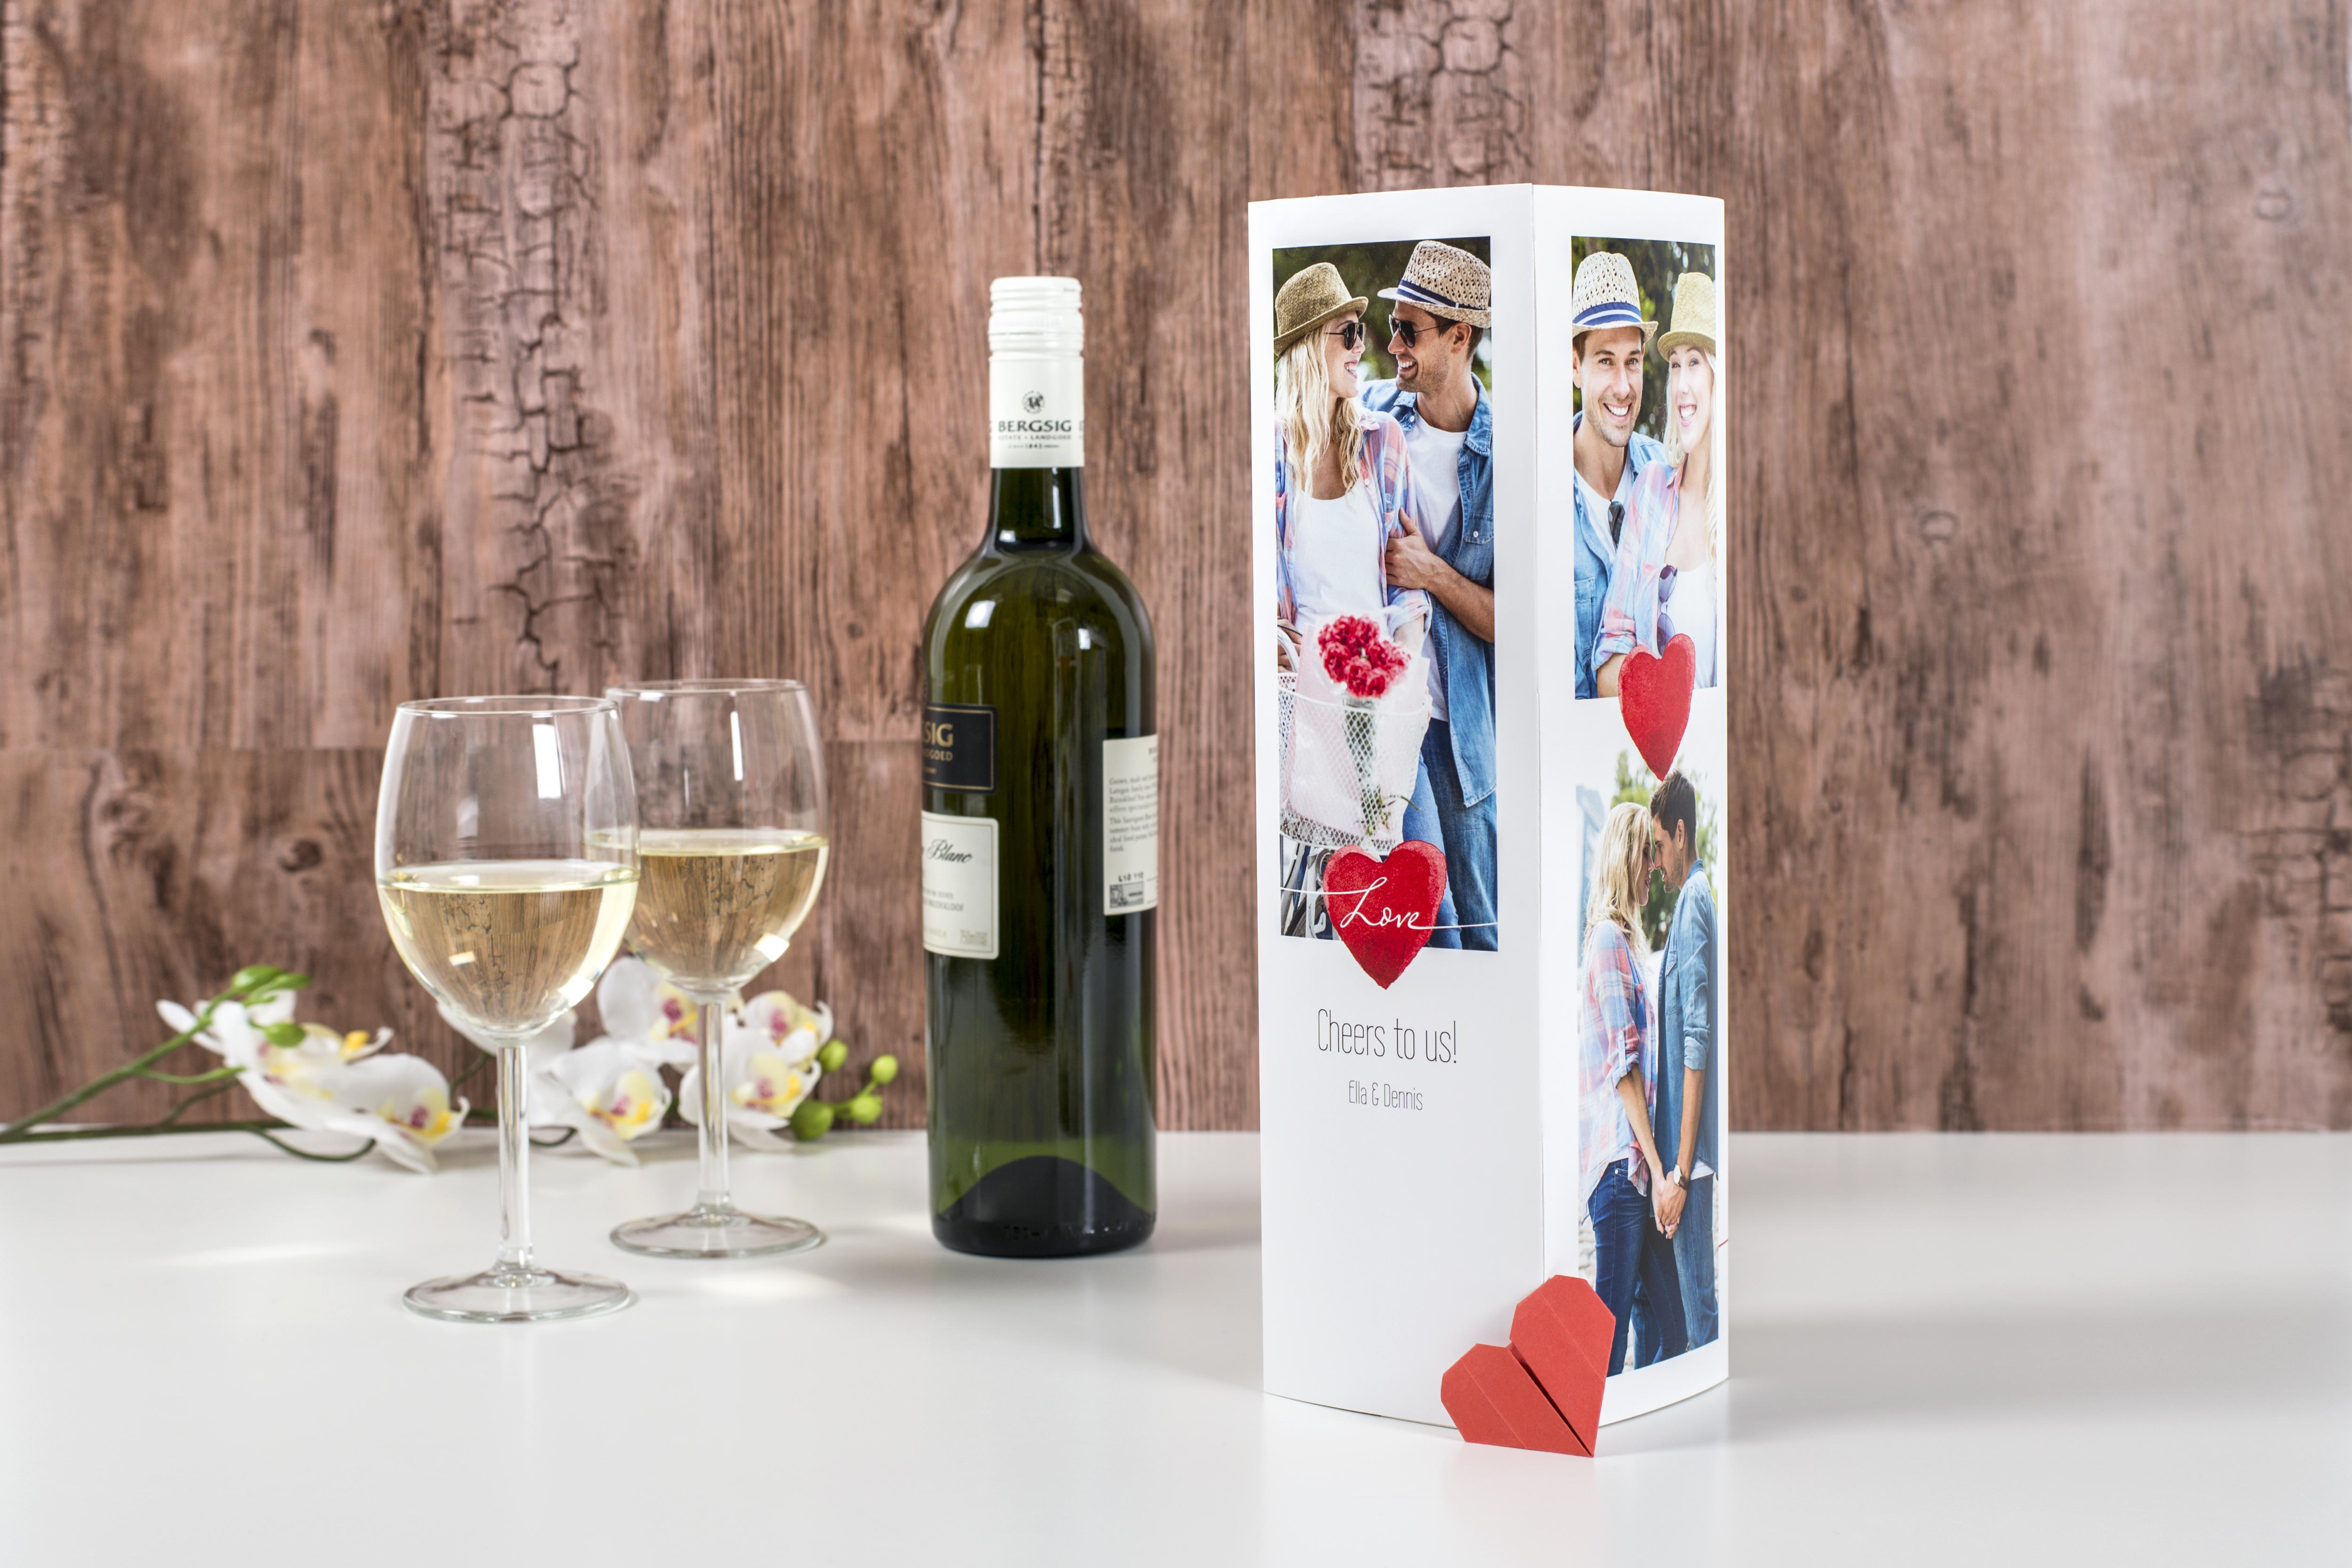 idee cadeau saint valentin homme personnalise boite bouteille photo